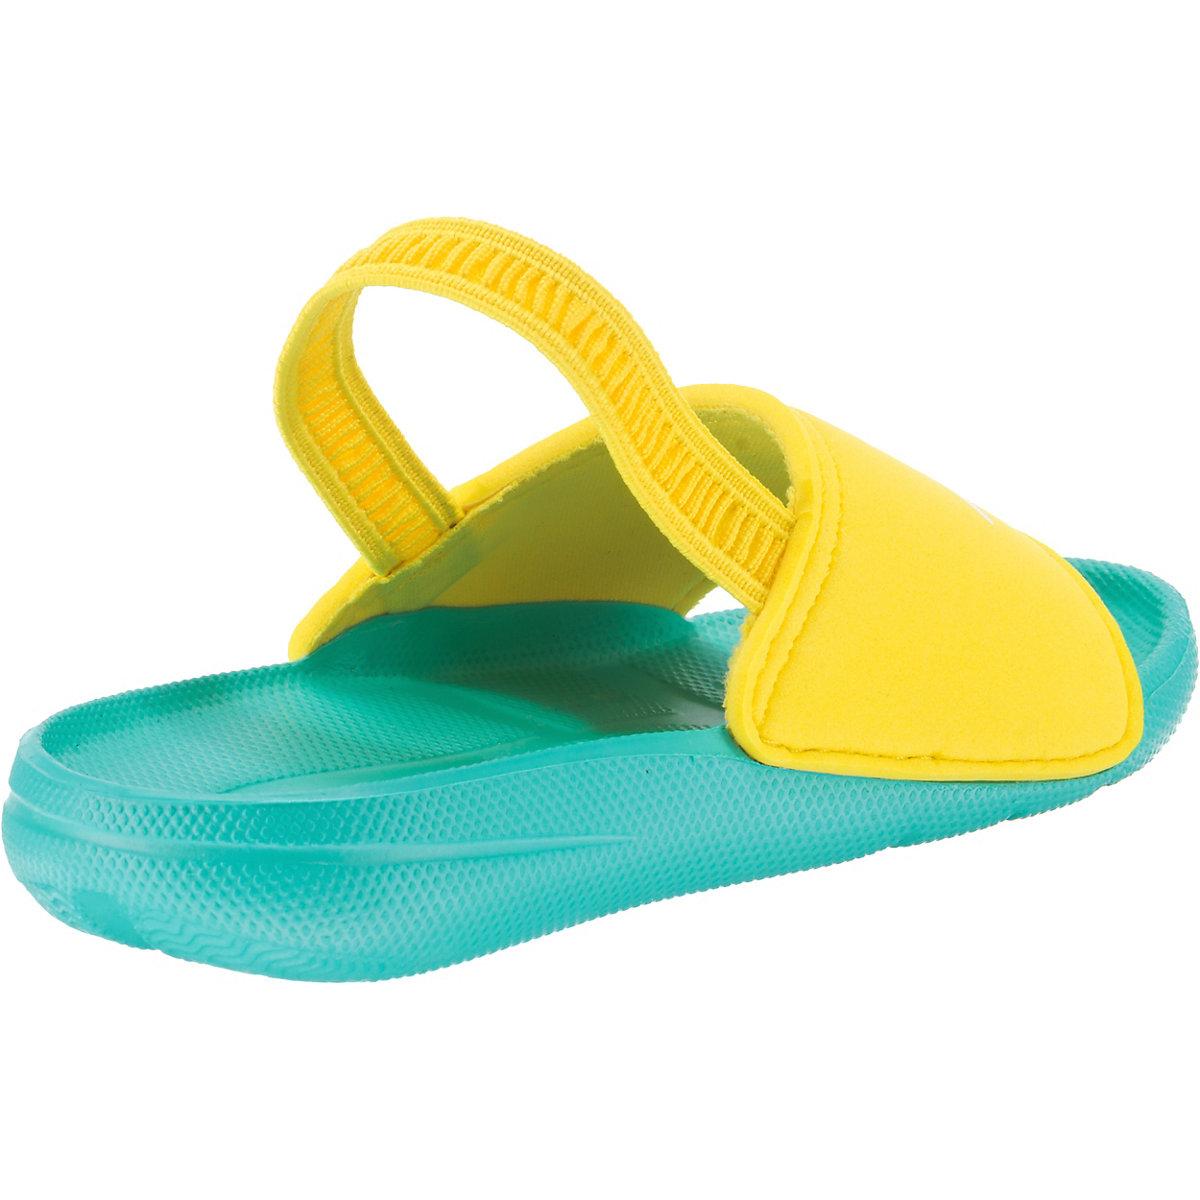 Speedo, Kinder Badelatschen Atami Sea Squad, Gelb